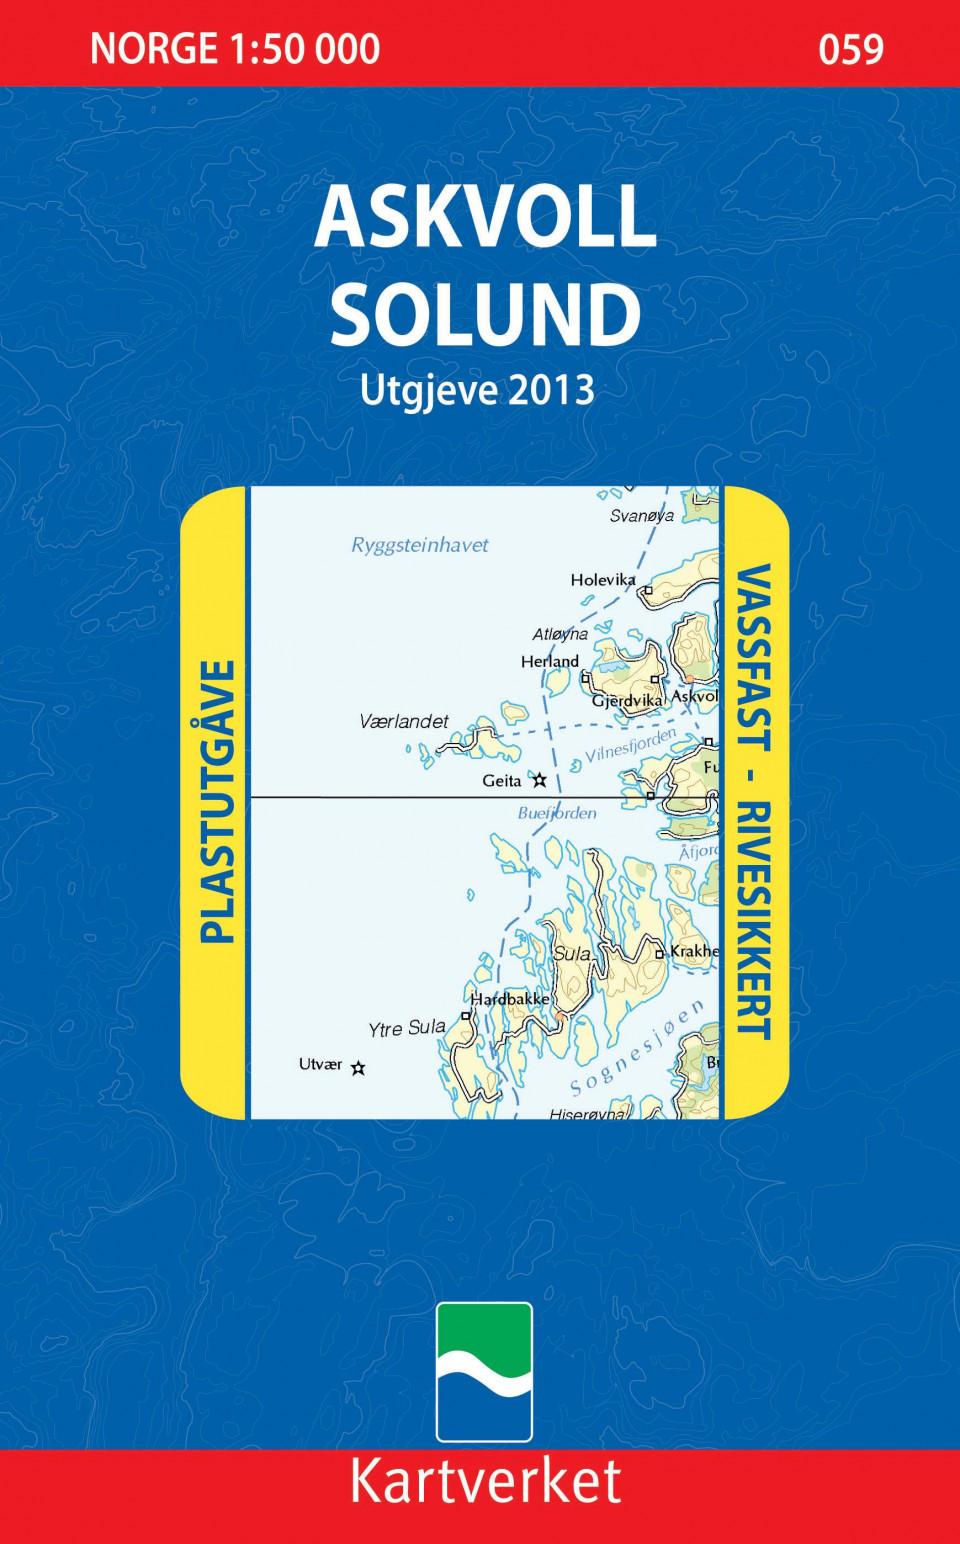 Askvoll Solund Kart Falset Turkart Norskeserier